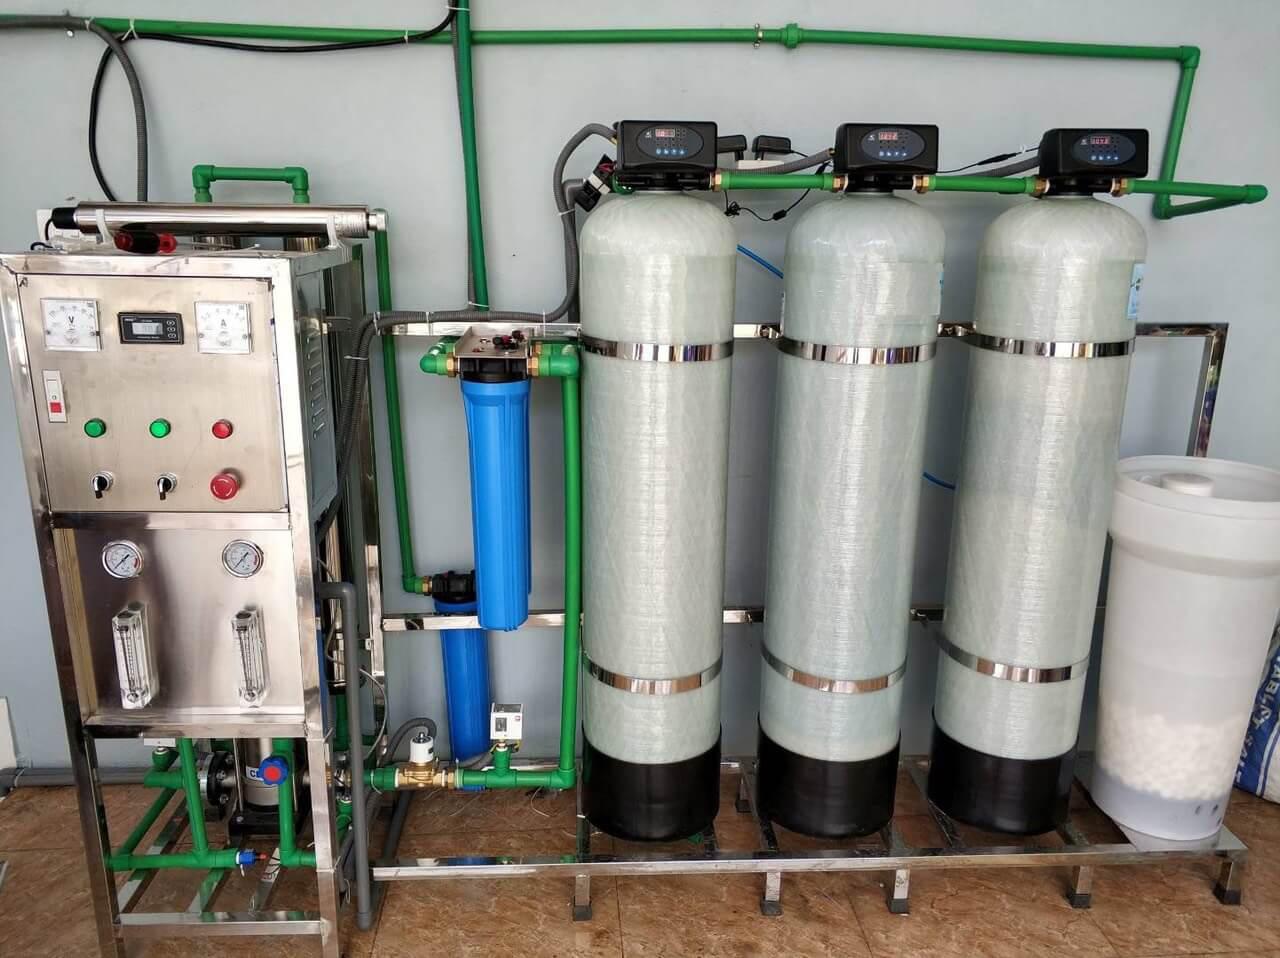 Toàn Á – Nhà phân phối hệ thống lọc nước tinh khiết RO uy tín tại Việt Nam - Ảnh 2.